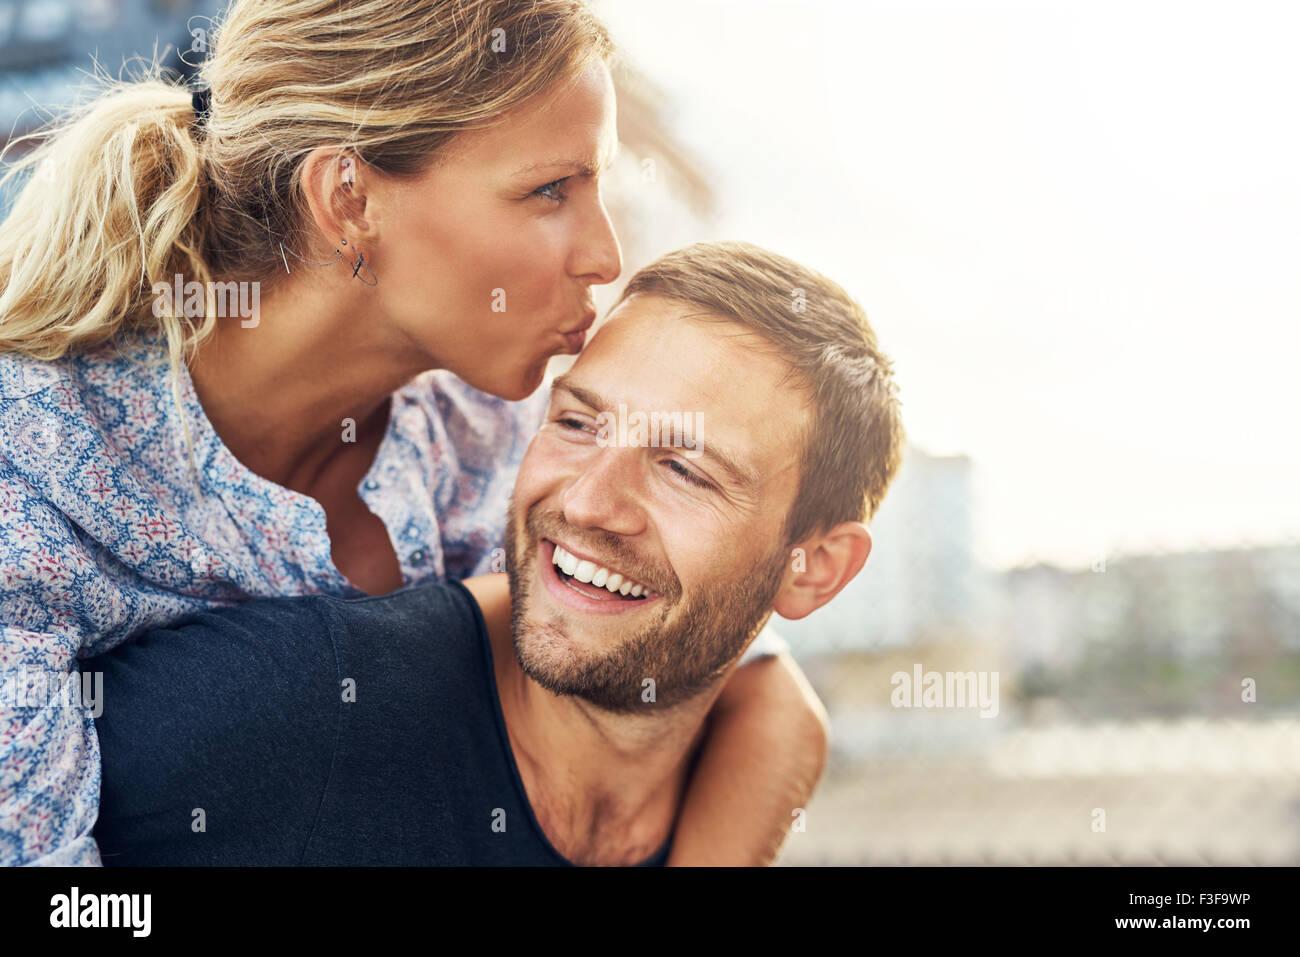 Frau Mann küssen, während er lacht, junges Paar Stockbild